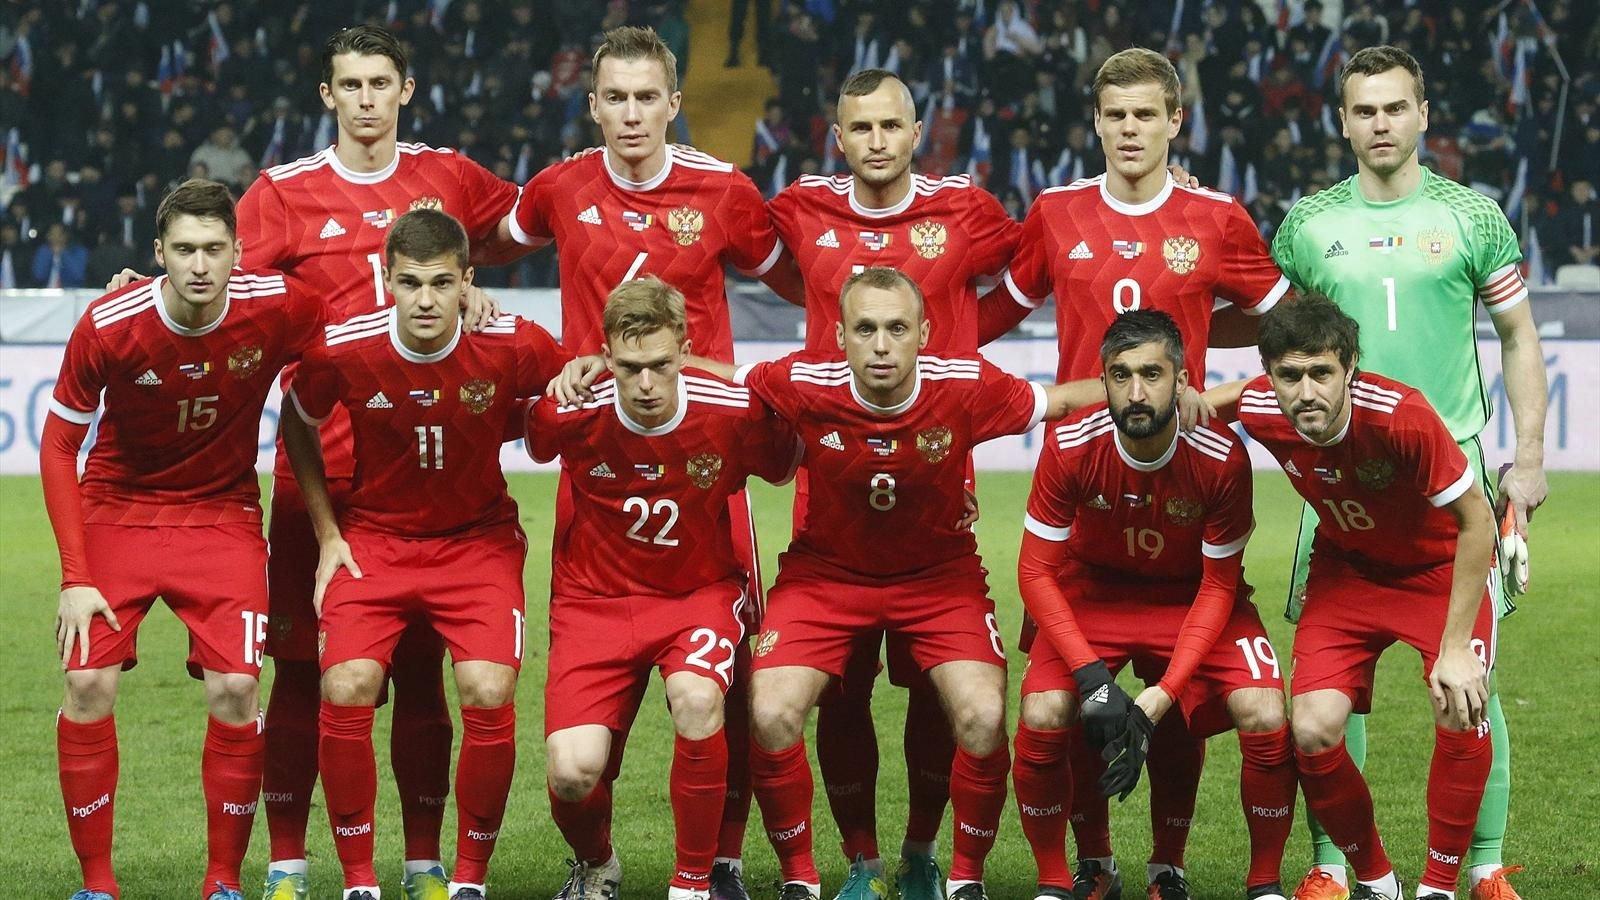 Футболисты сборной РФ приготовили сотни новогодних подарков для детей